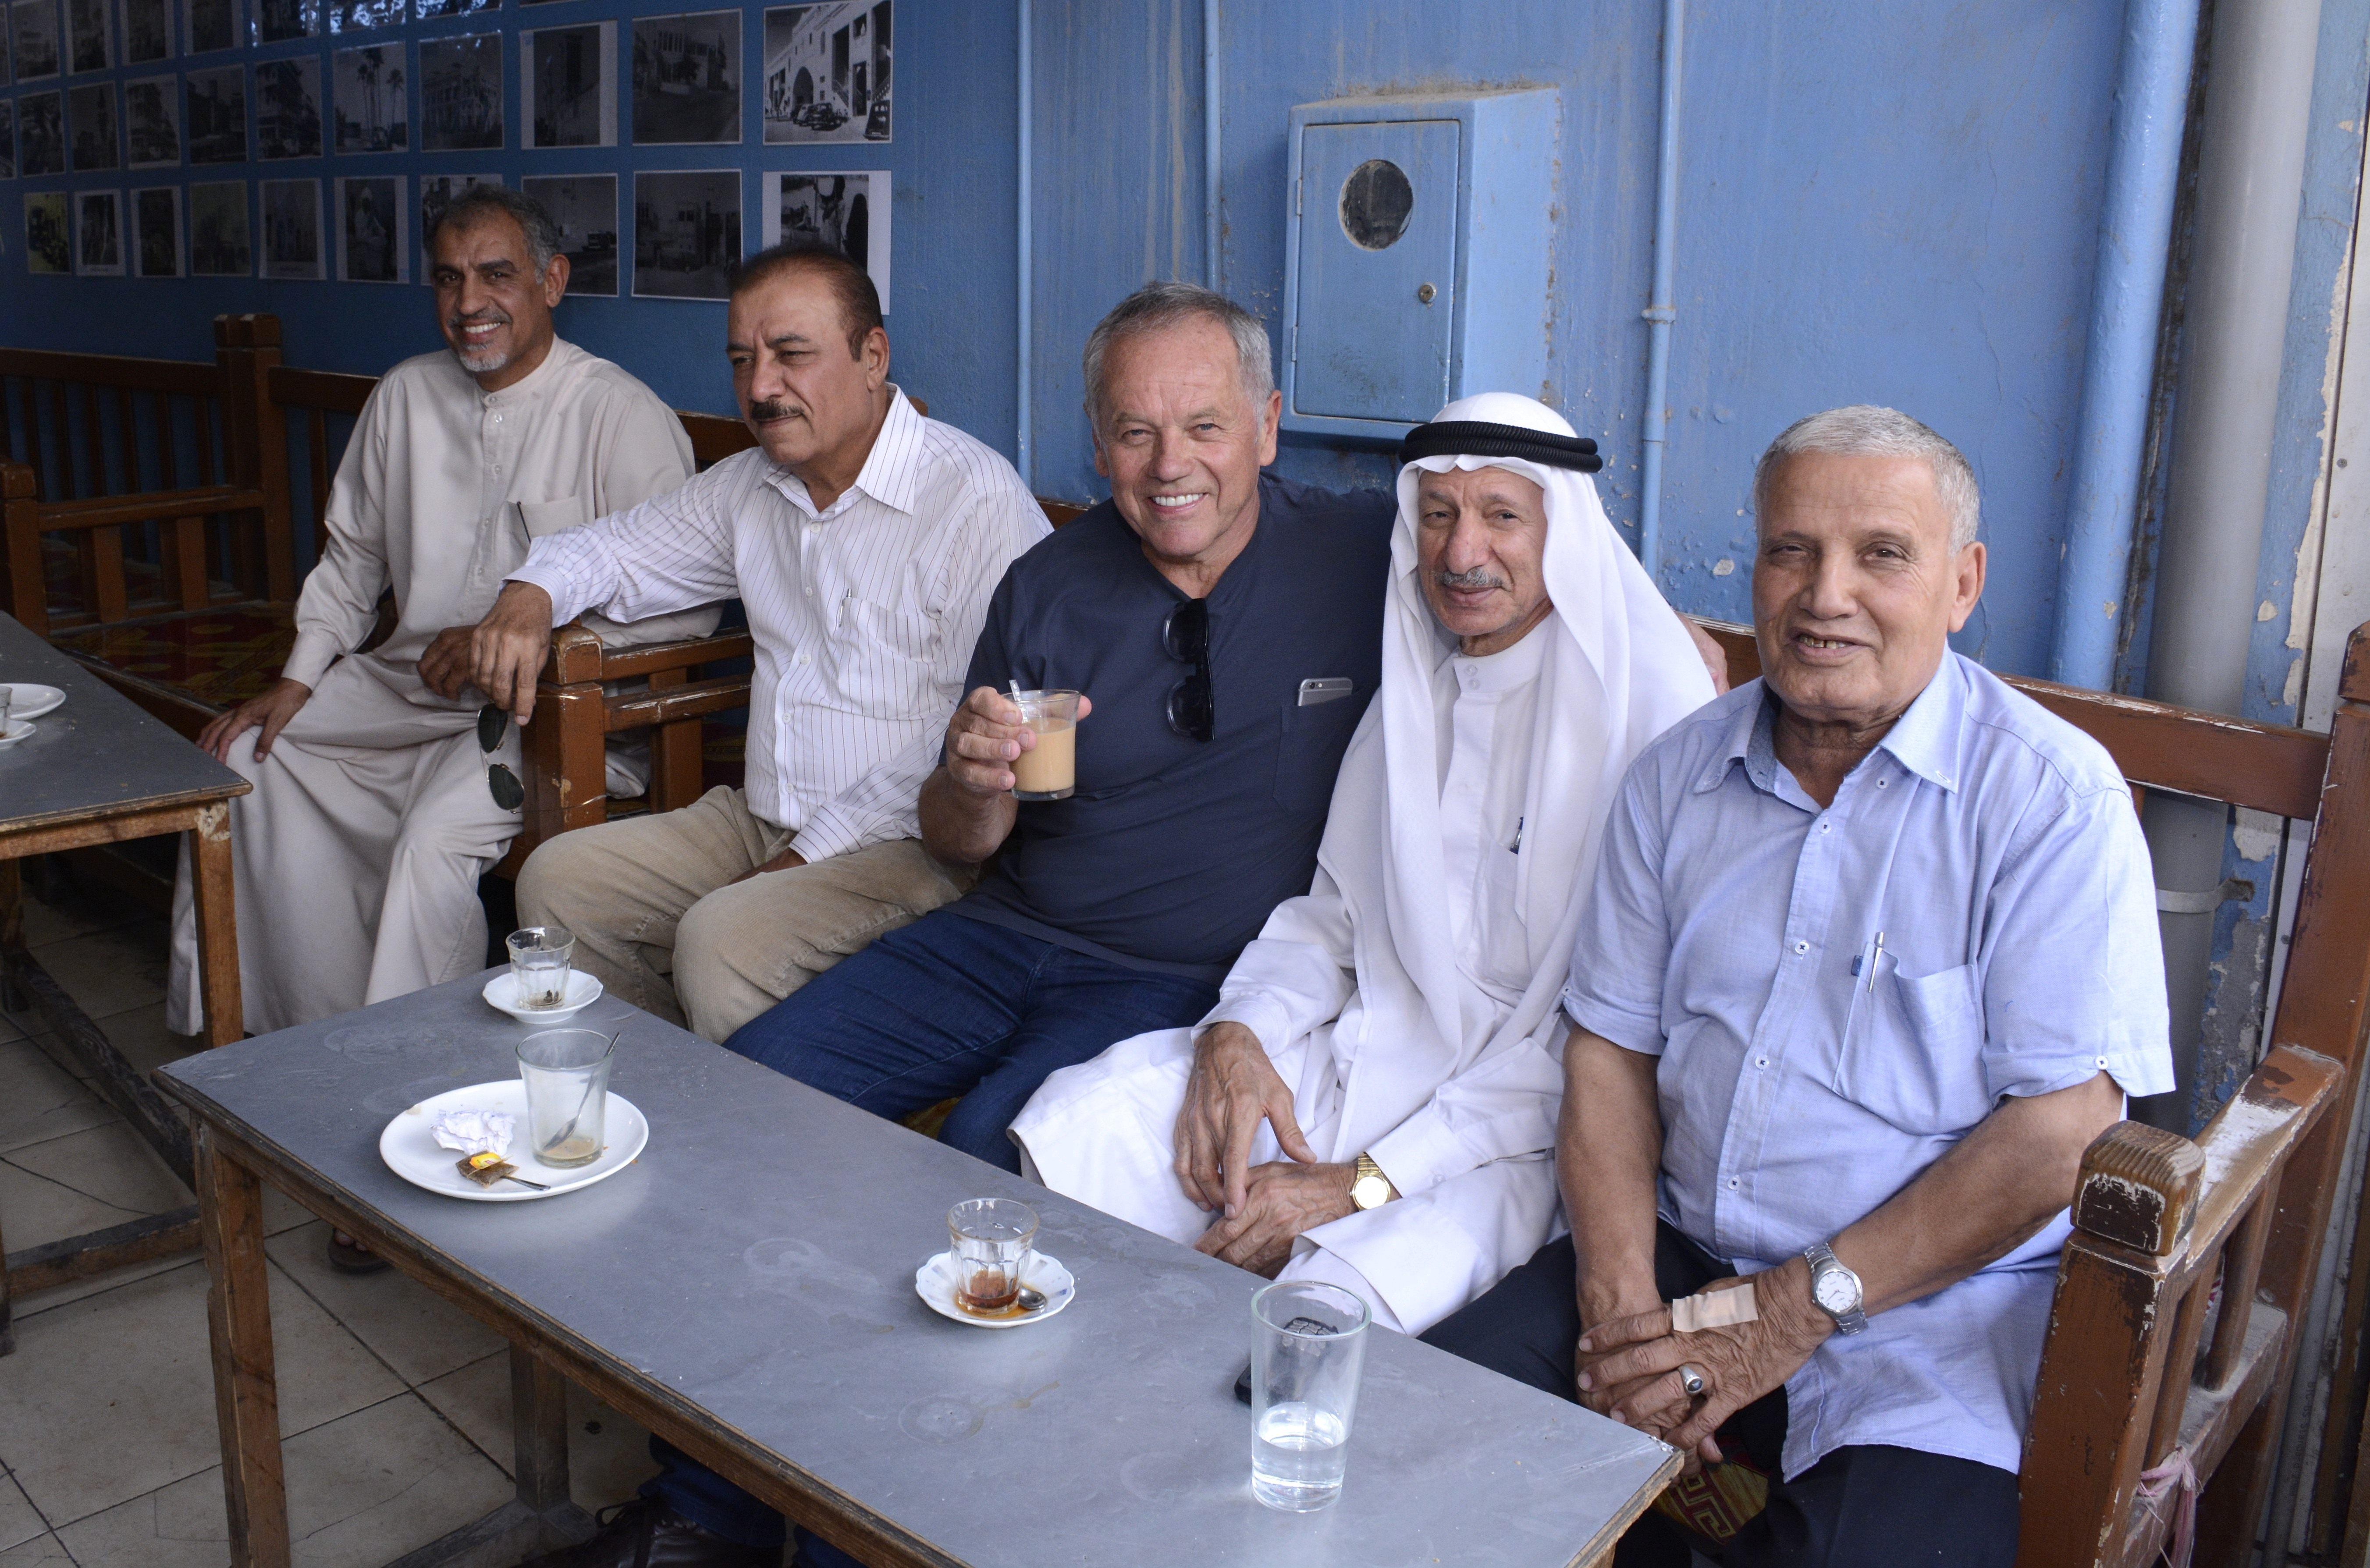 WOLFGANG LOVES BAHRAIN